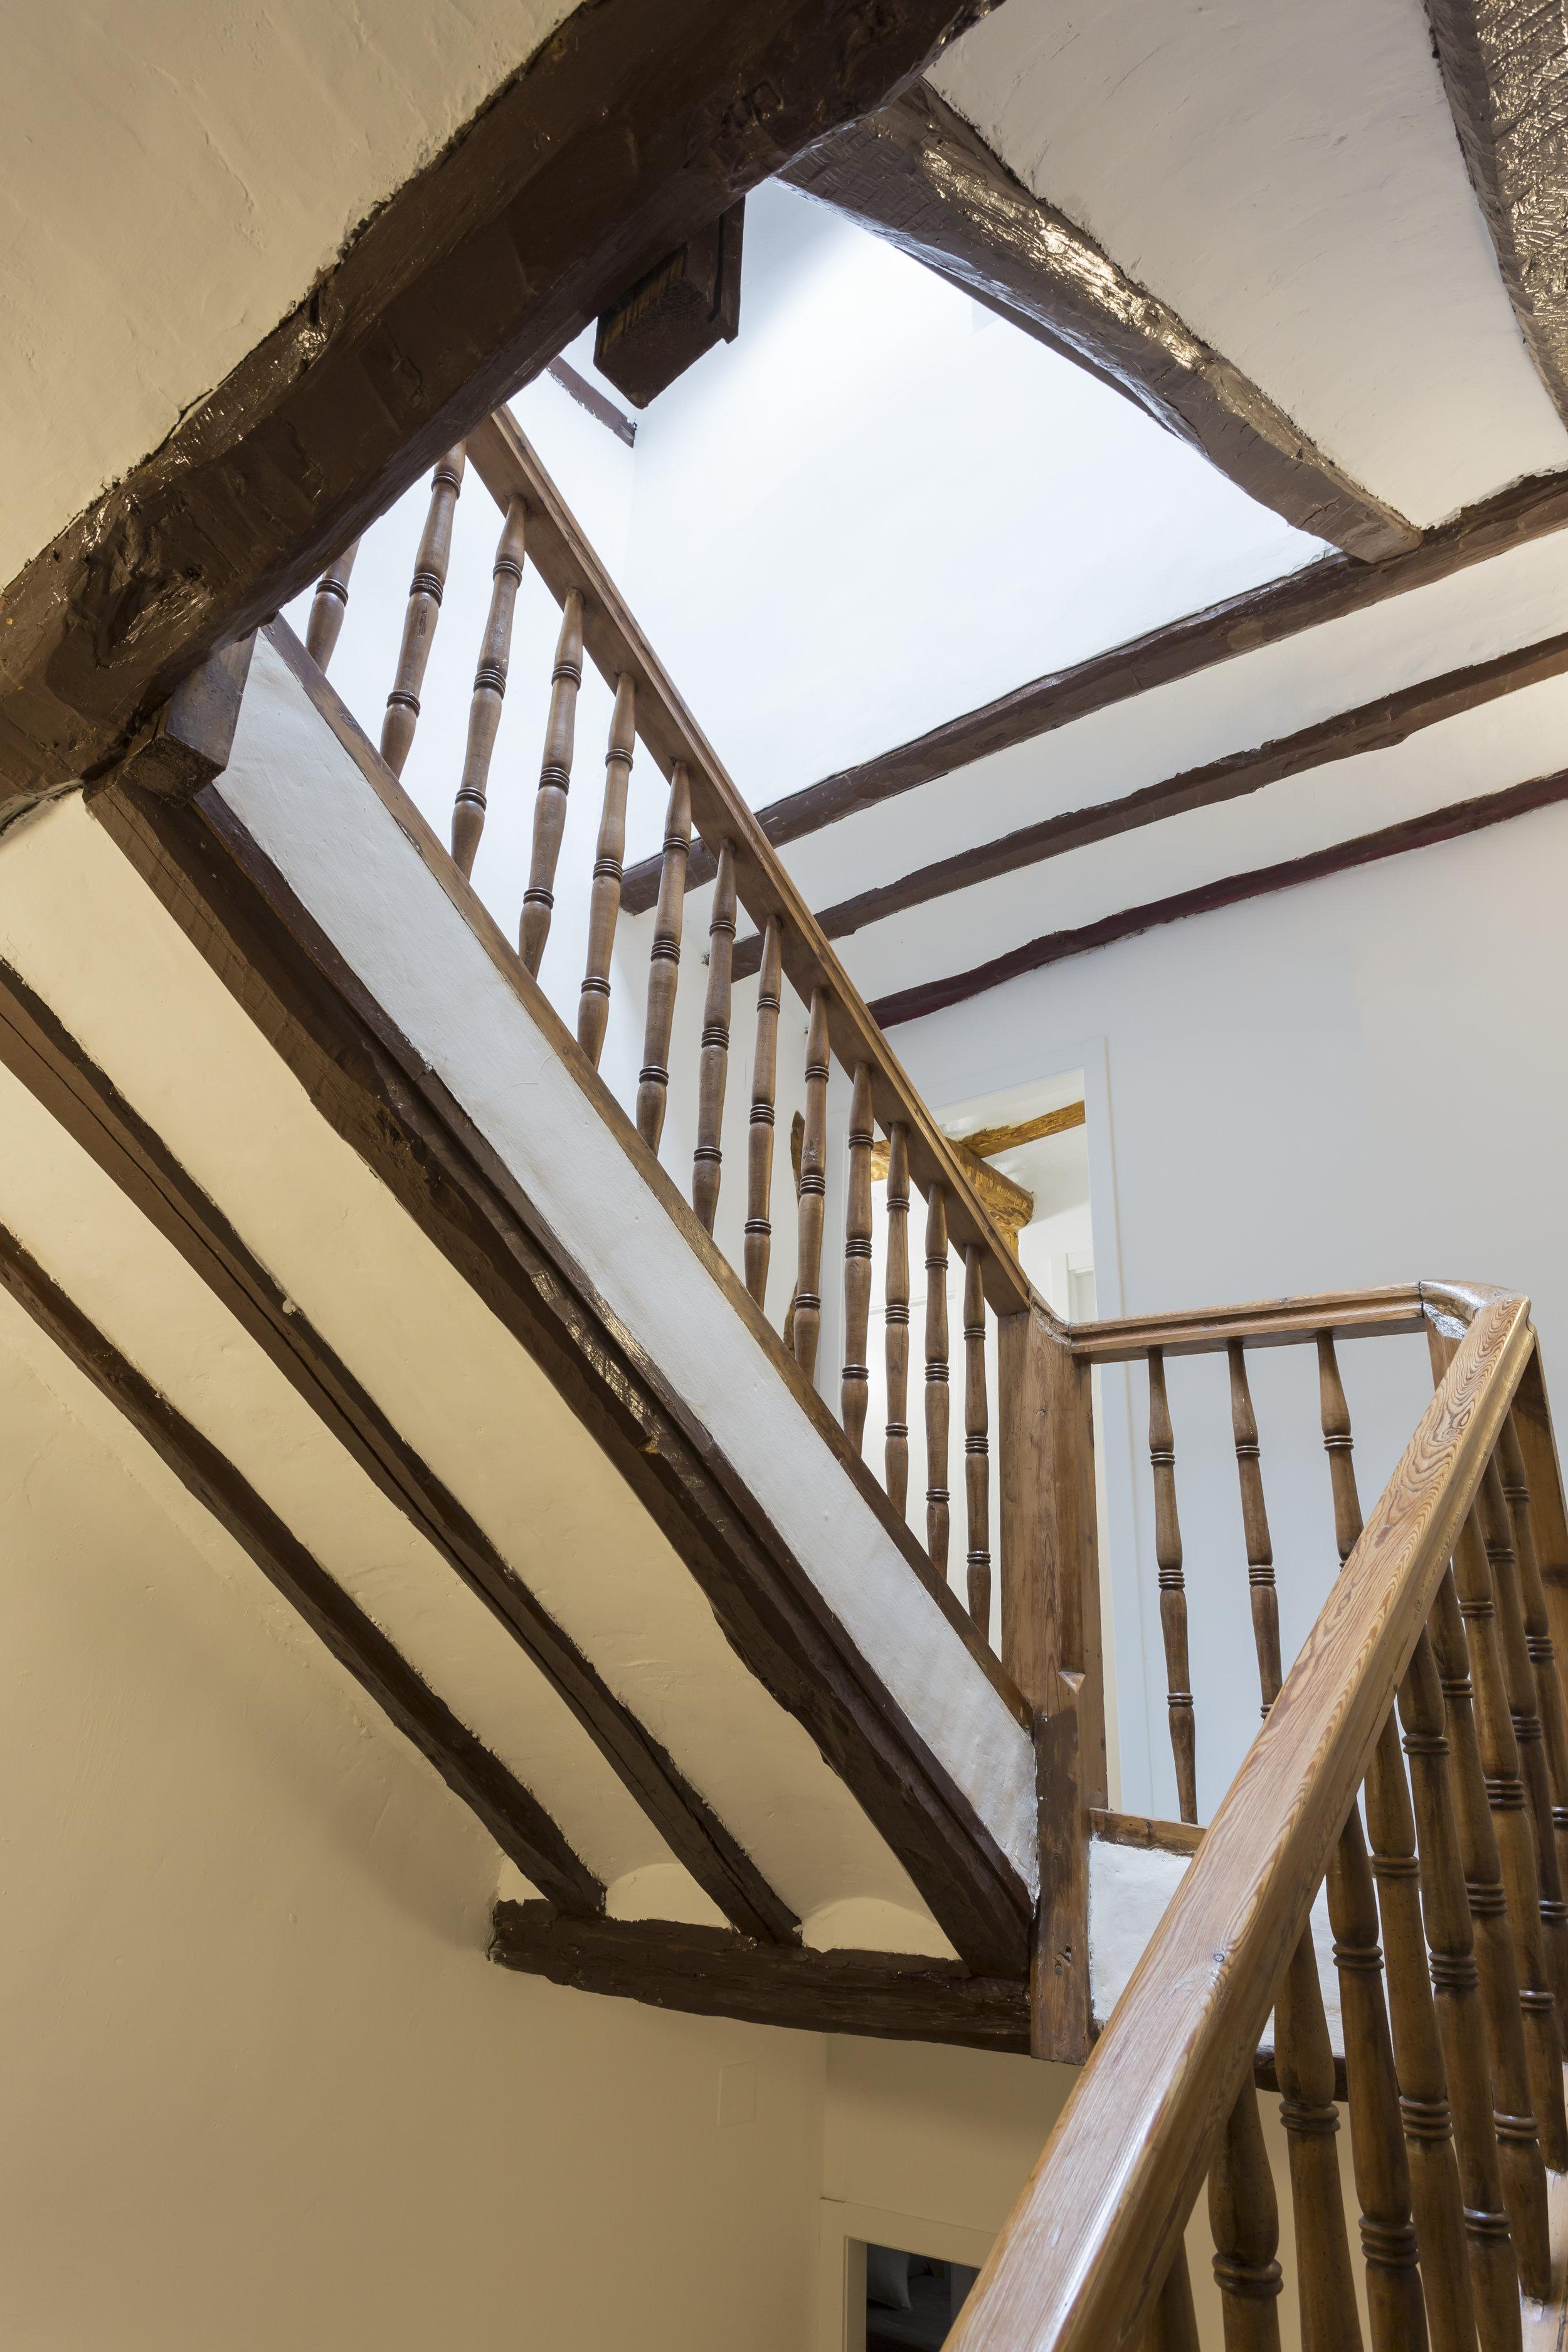 La escalera que recorre HostelpuntoB